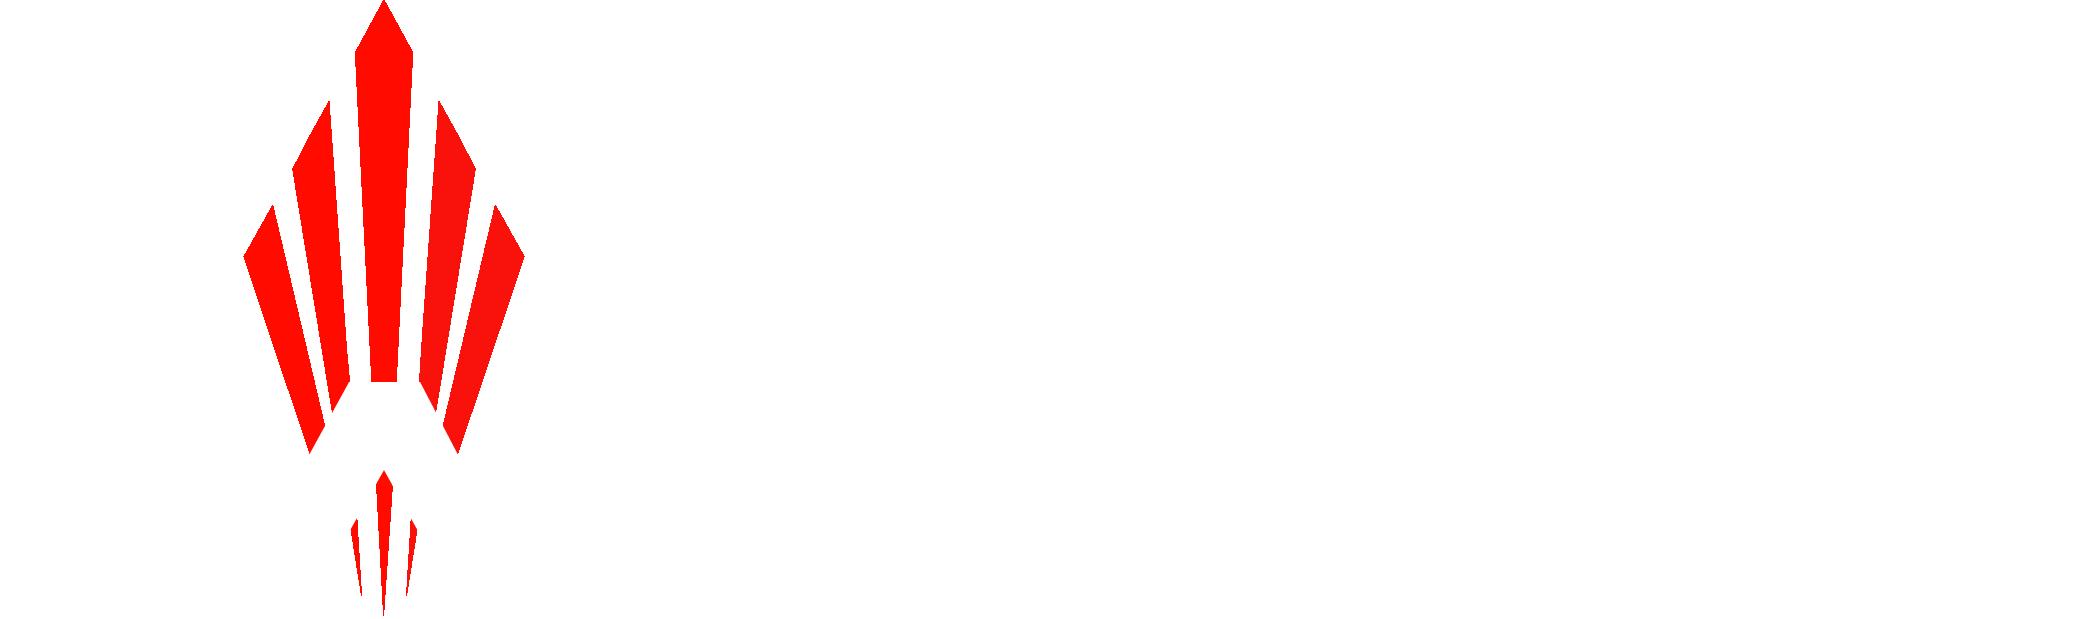 UZI Pro Pistol with Stabilizing Brace | IWI US, Inc